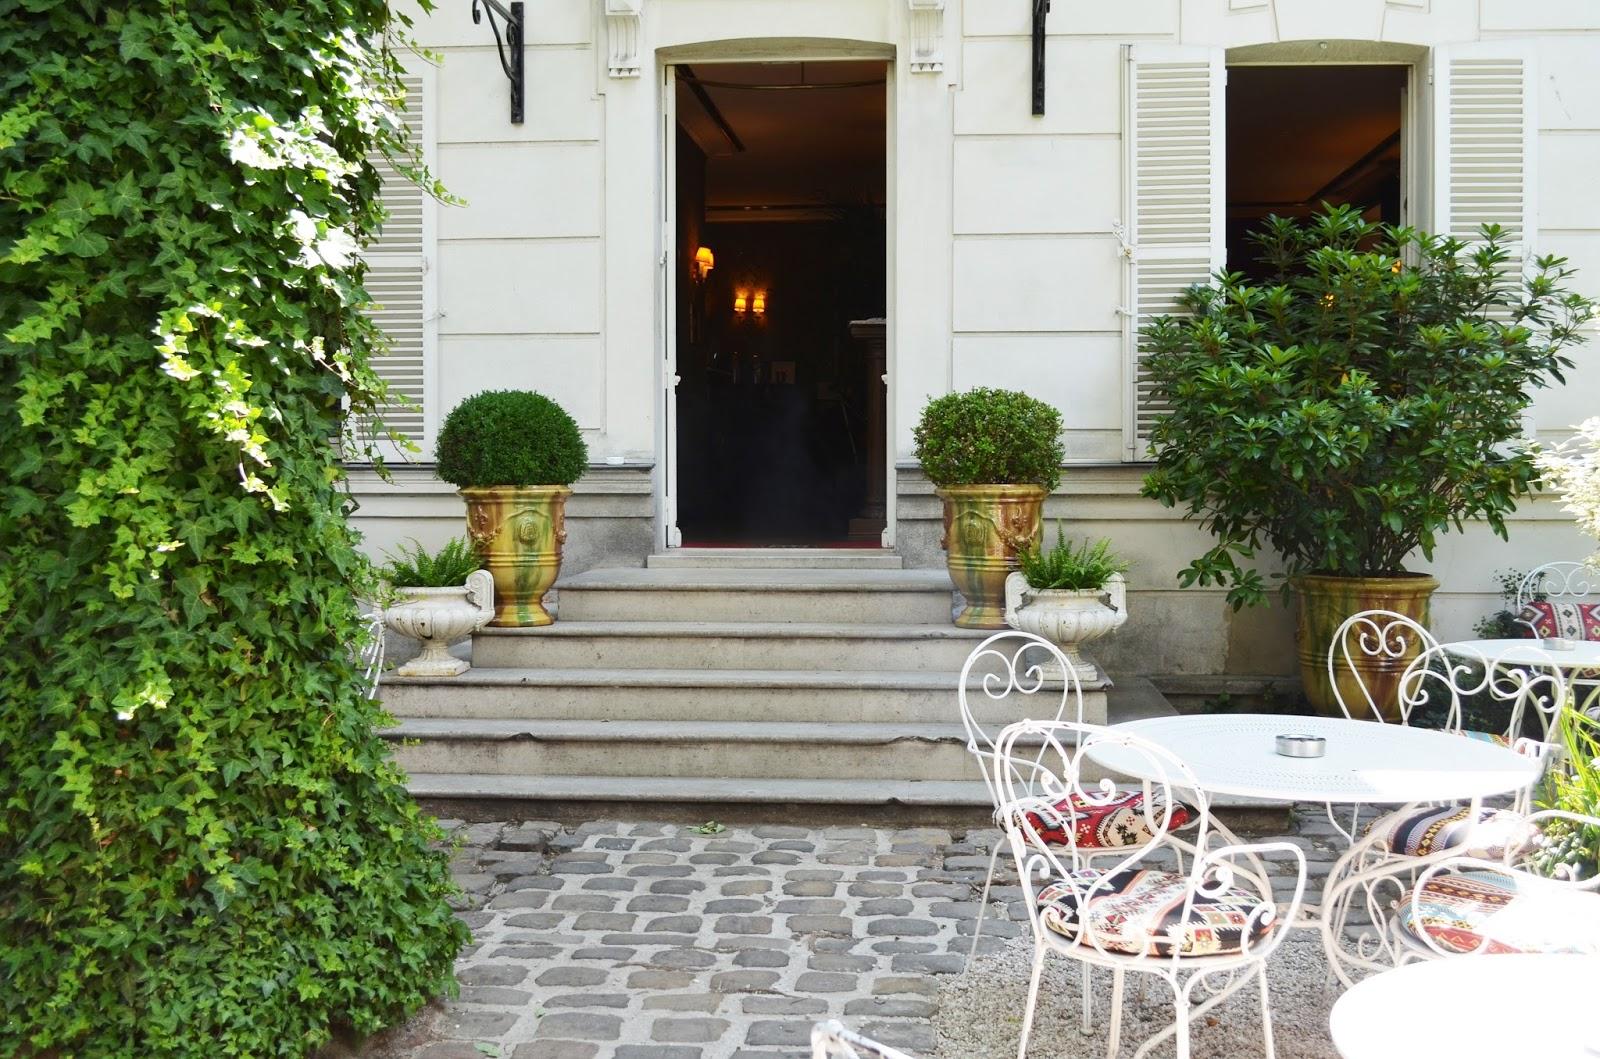 les plus belles terrasses estivales de paris parisian touch. Black Bedroom Furniture Sets. Home Design Ideas